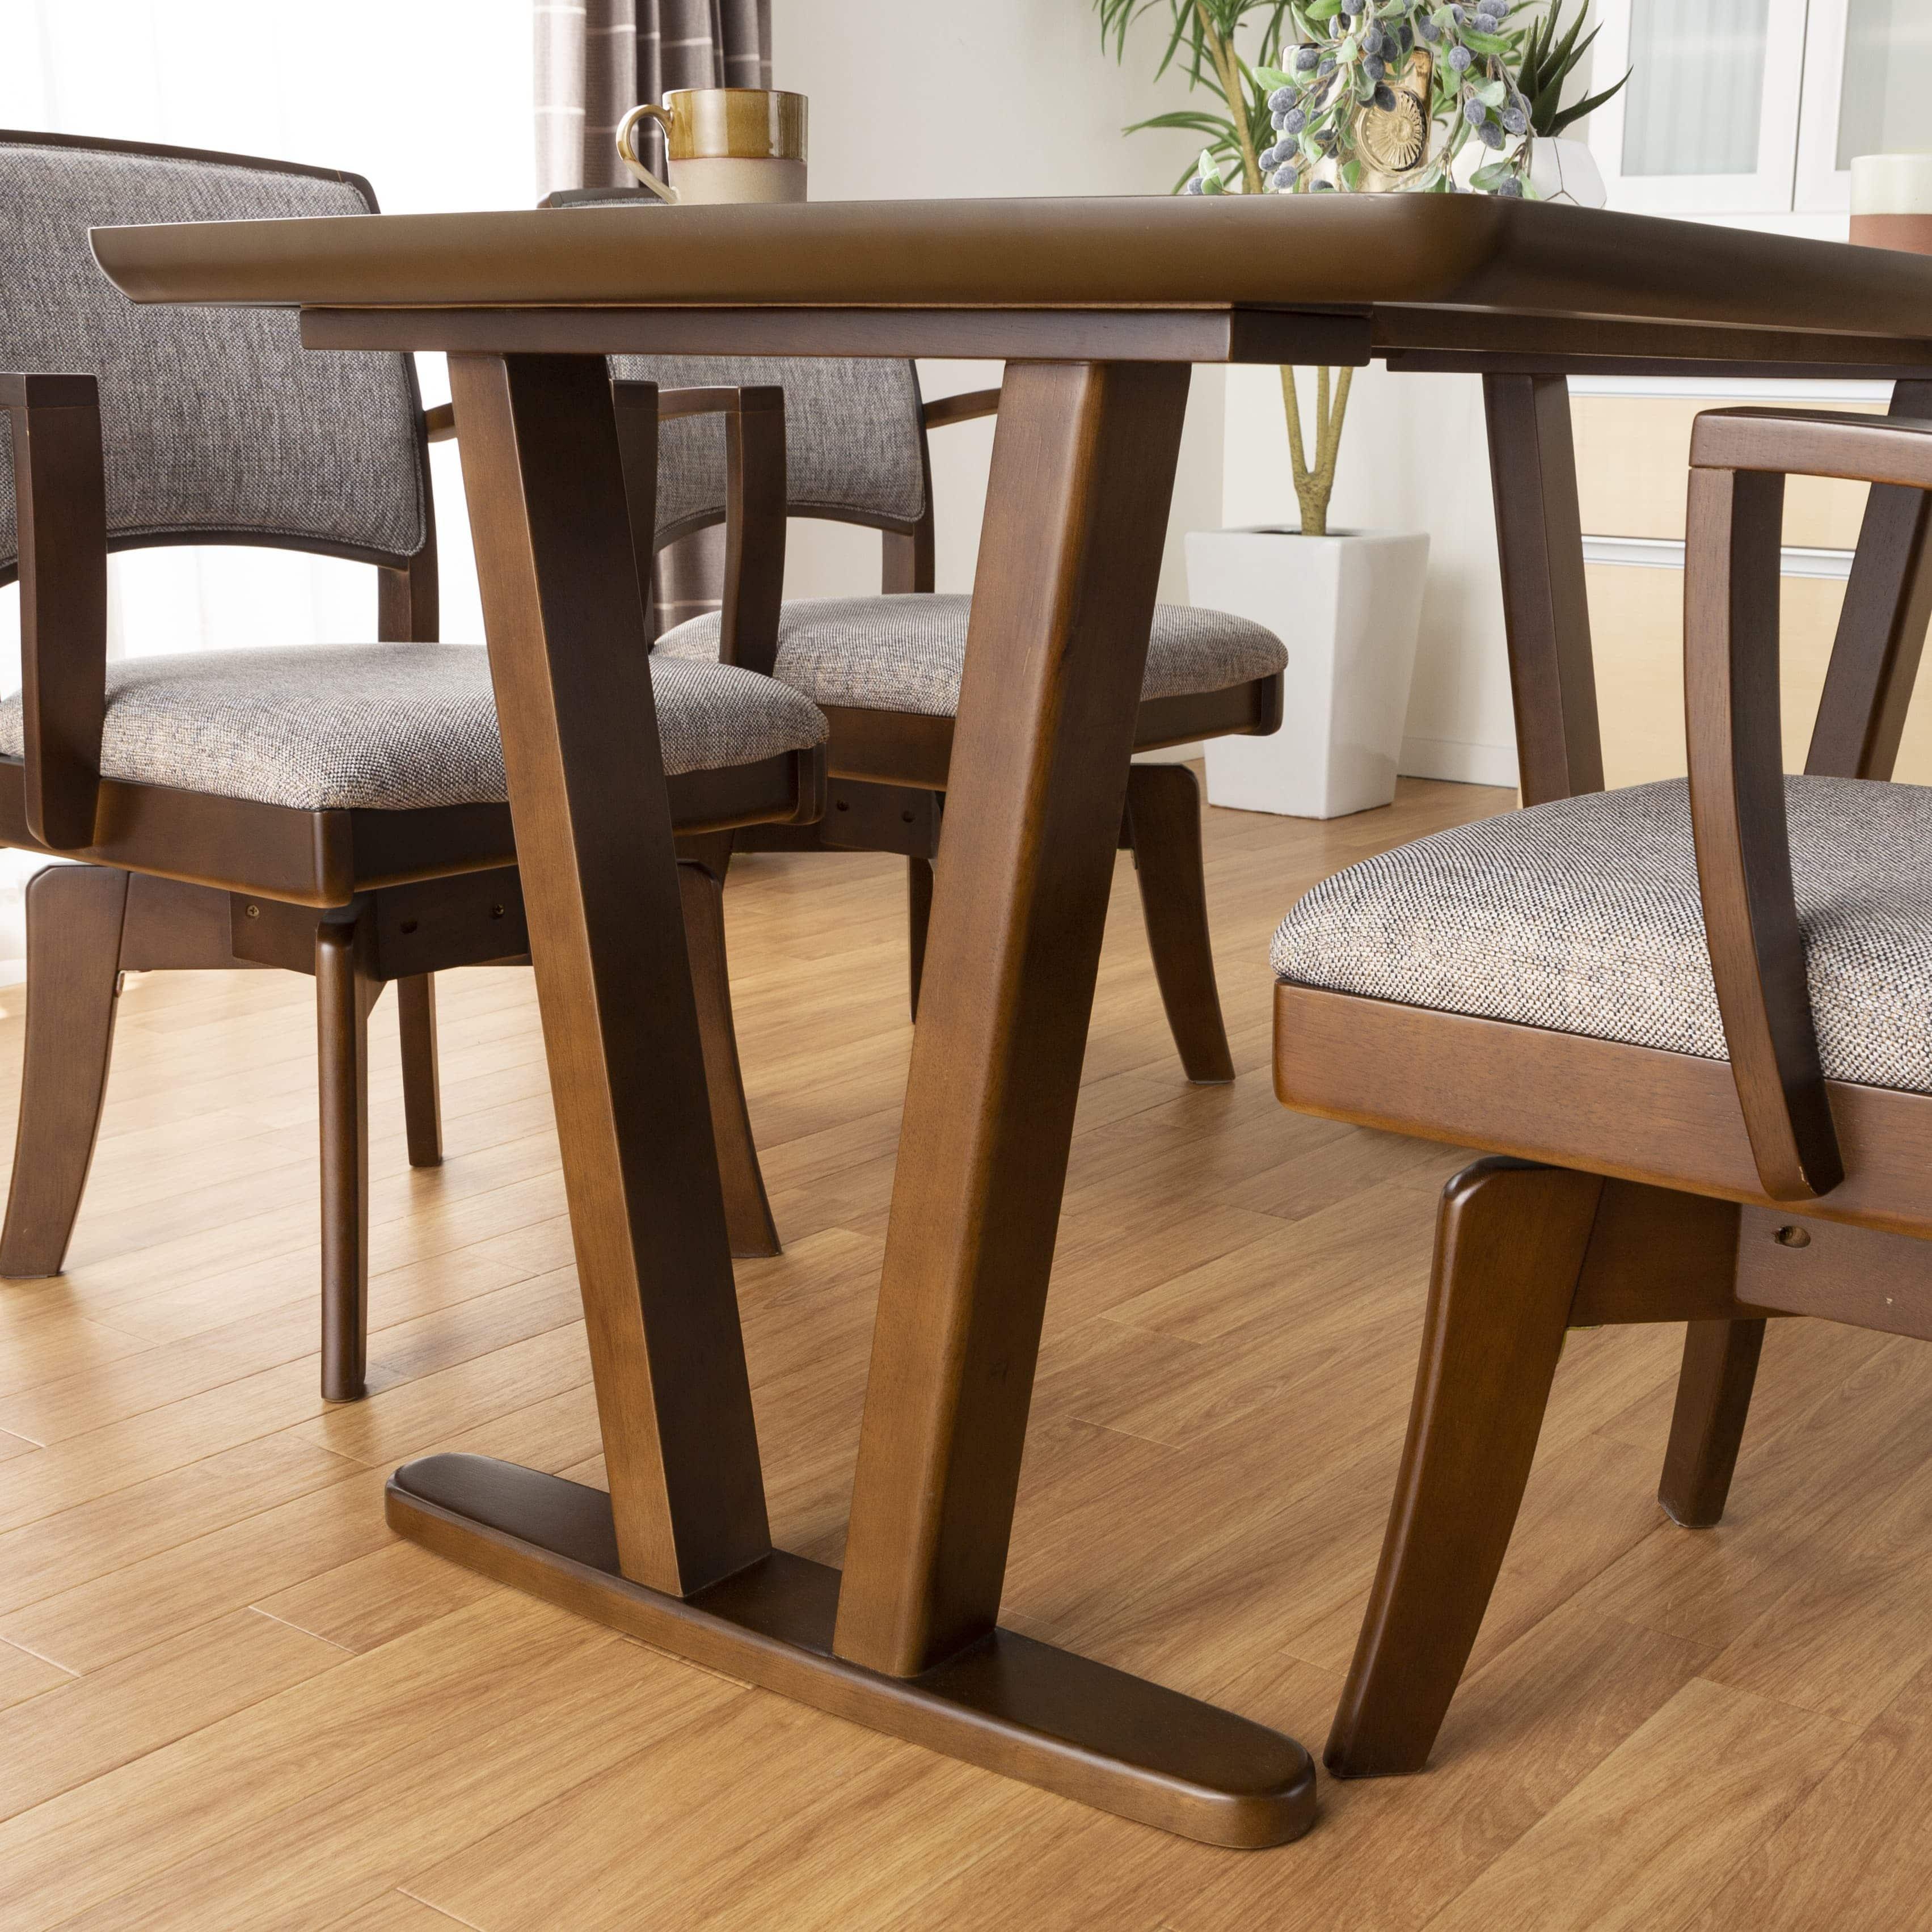 ダイニングテーブル ラクレット 165:スッキリとした2つ脚タイプ